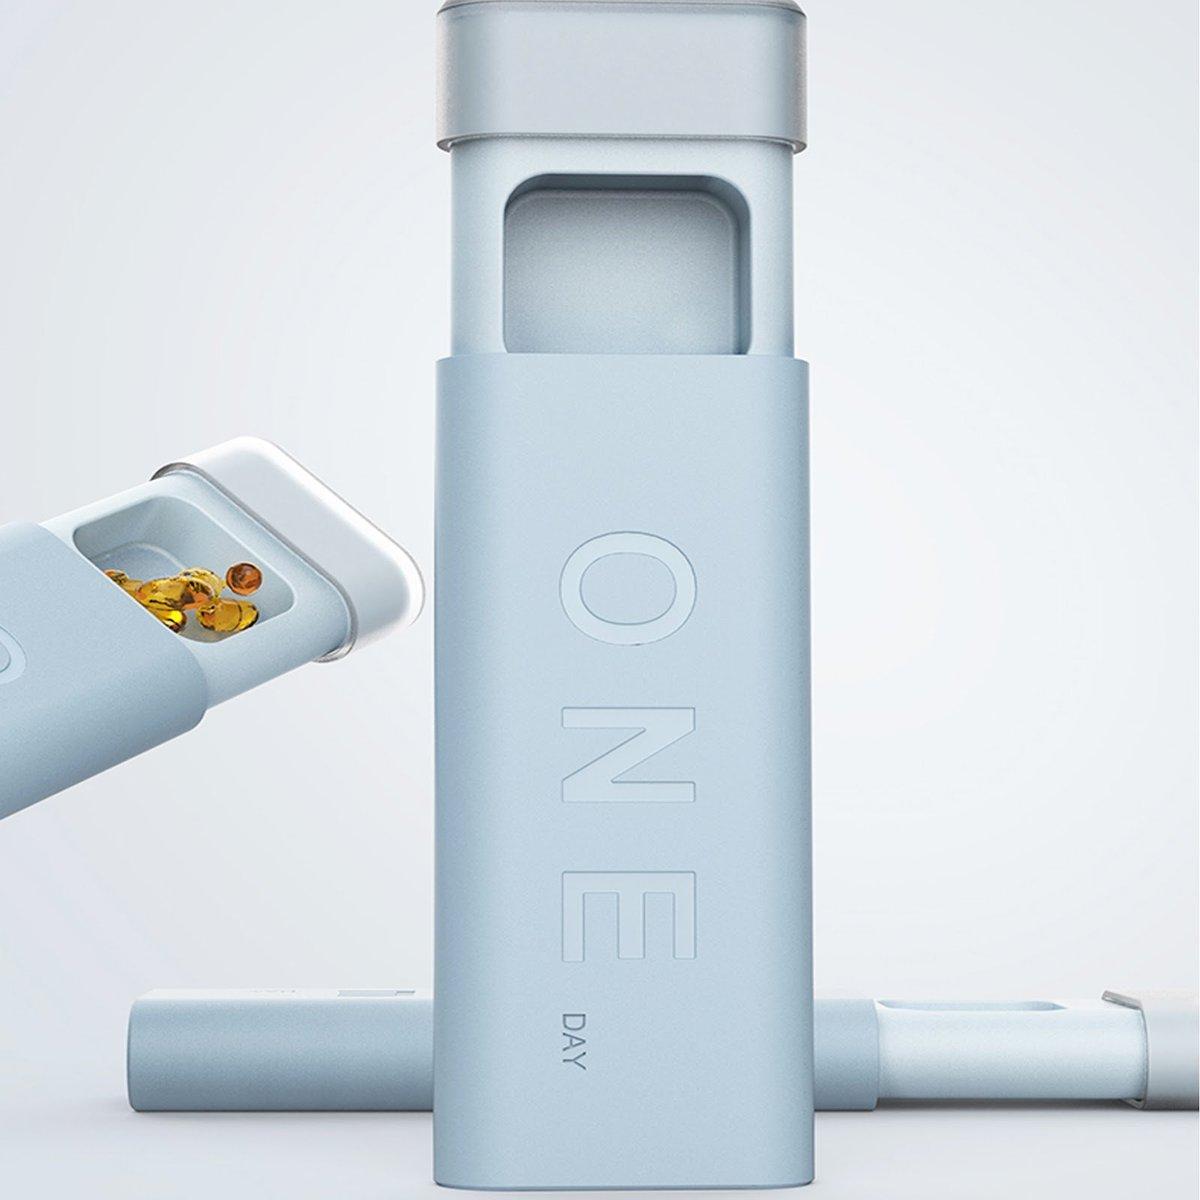 三格藥盒 抽屜式藥丸盒 藥丸膠盒 輕便小巧 送切藥器